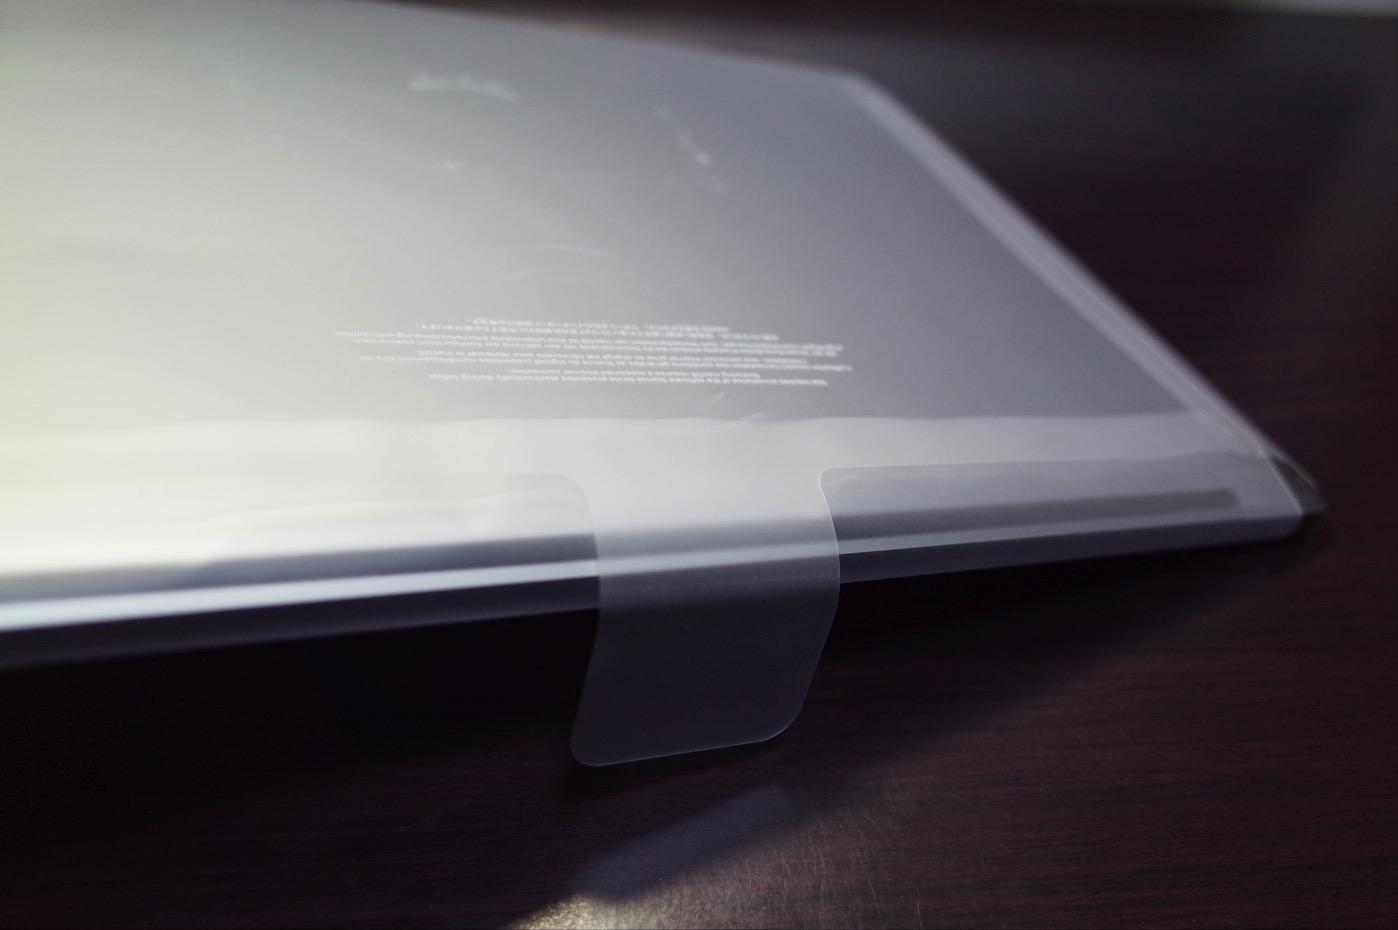 MacBook Pro-12